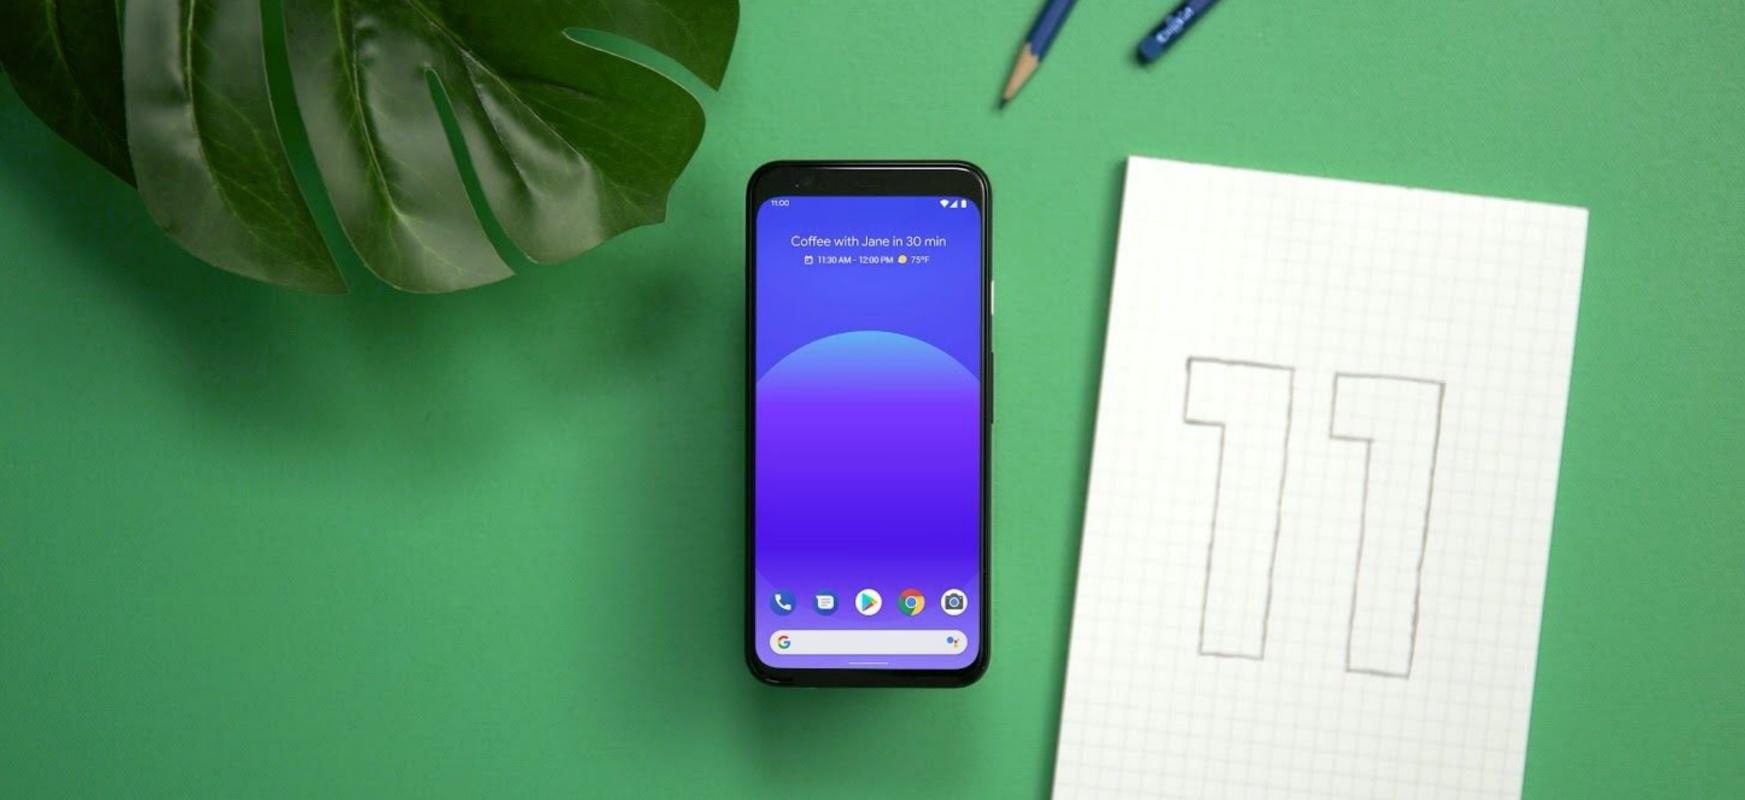 Burbuila gehiago ikusiko ditugu.  Android 11n txinpartatu beharko dute